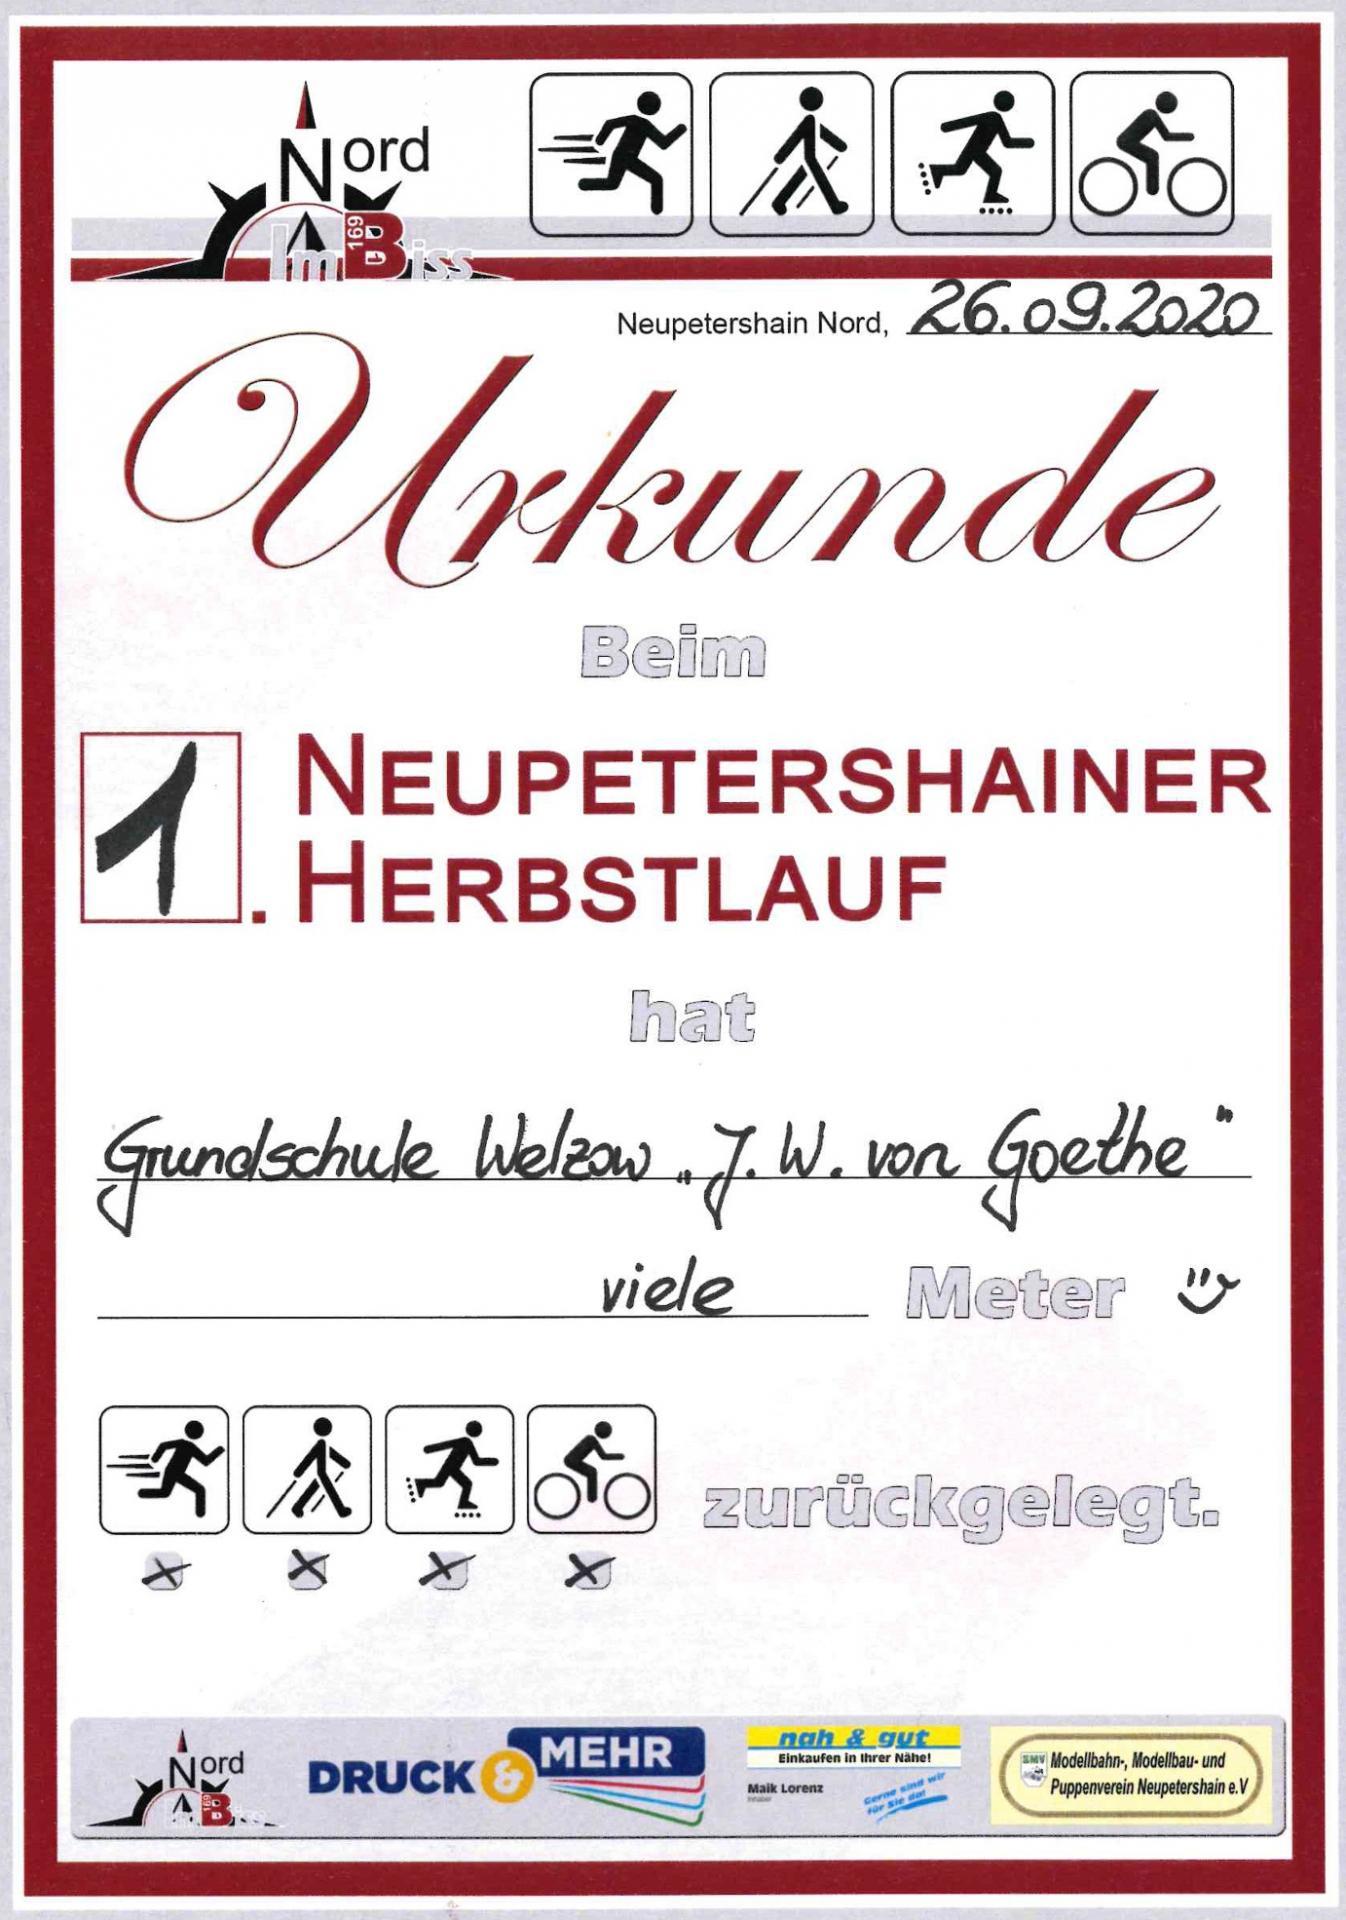 Urkunde 1. Neupetershainer Herbstlauf